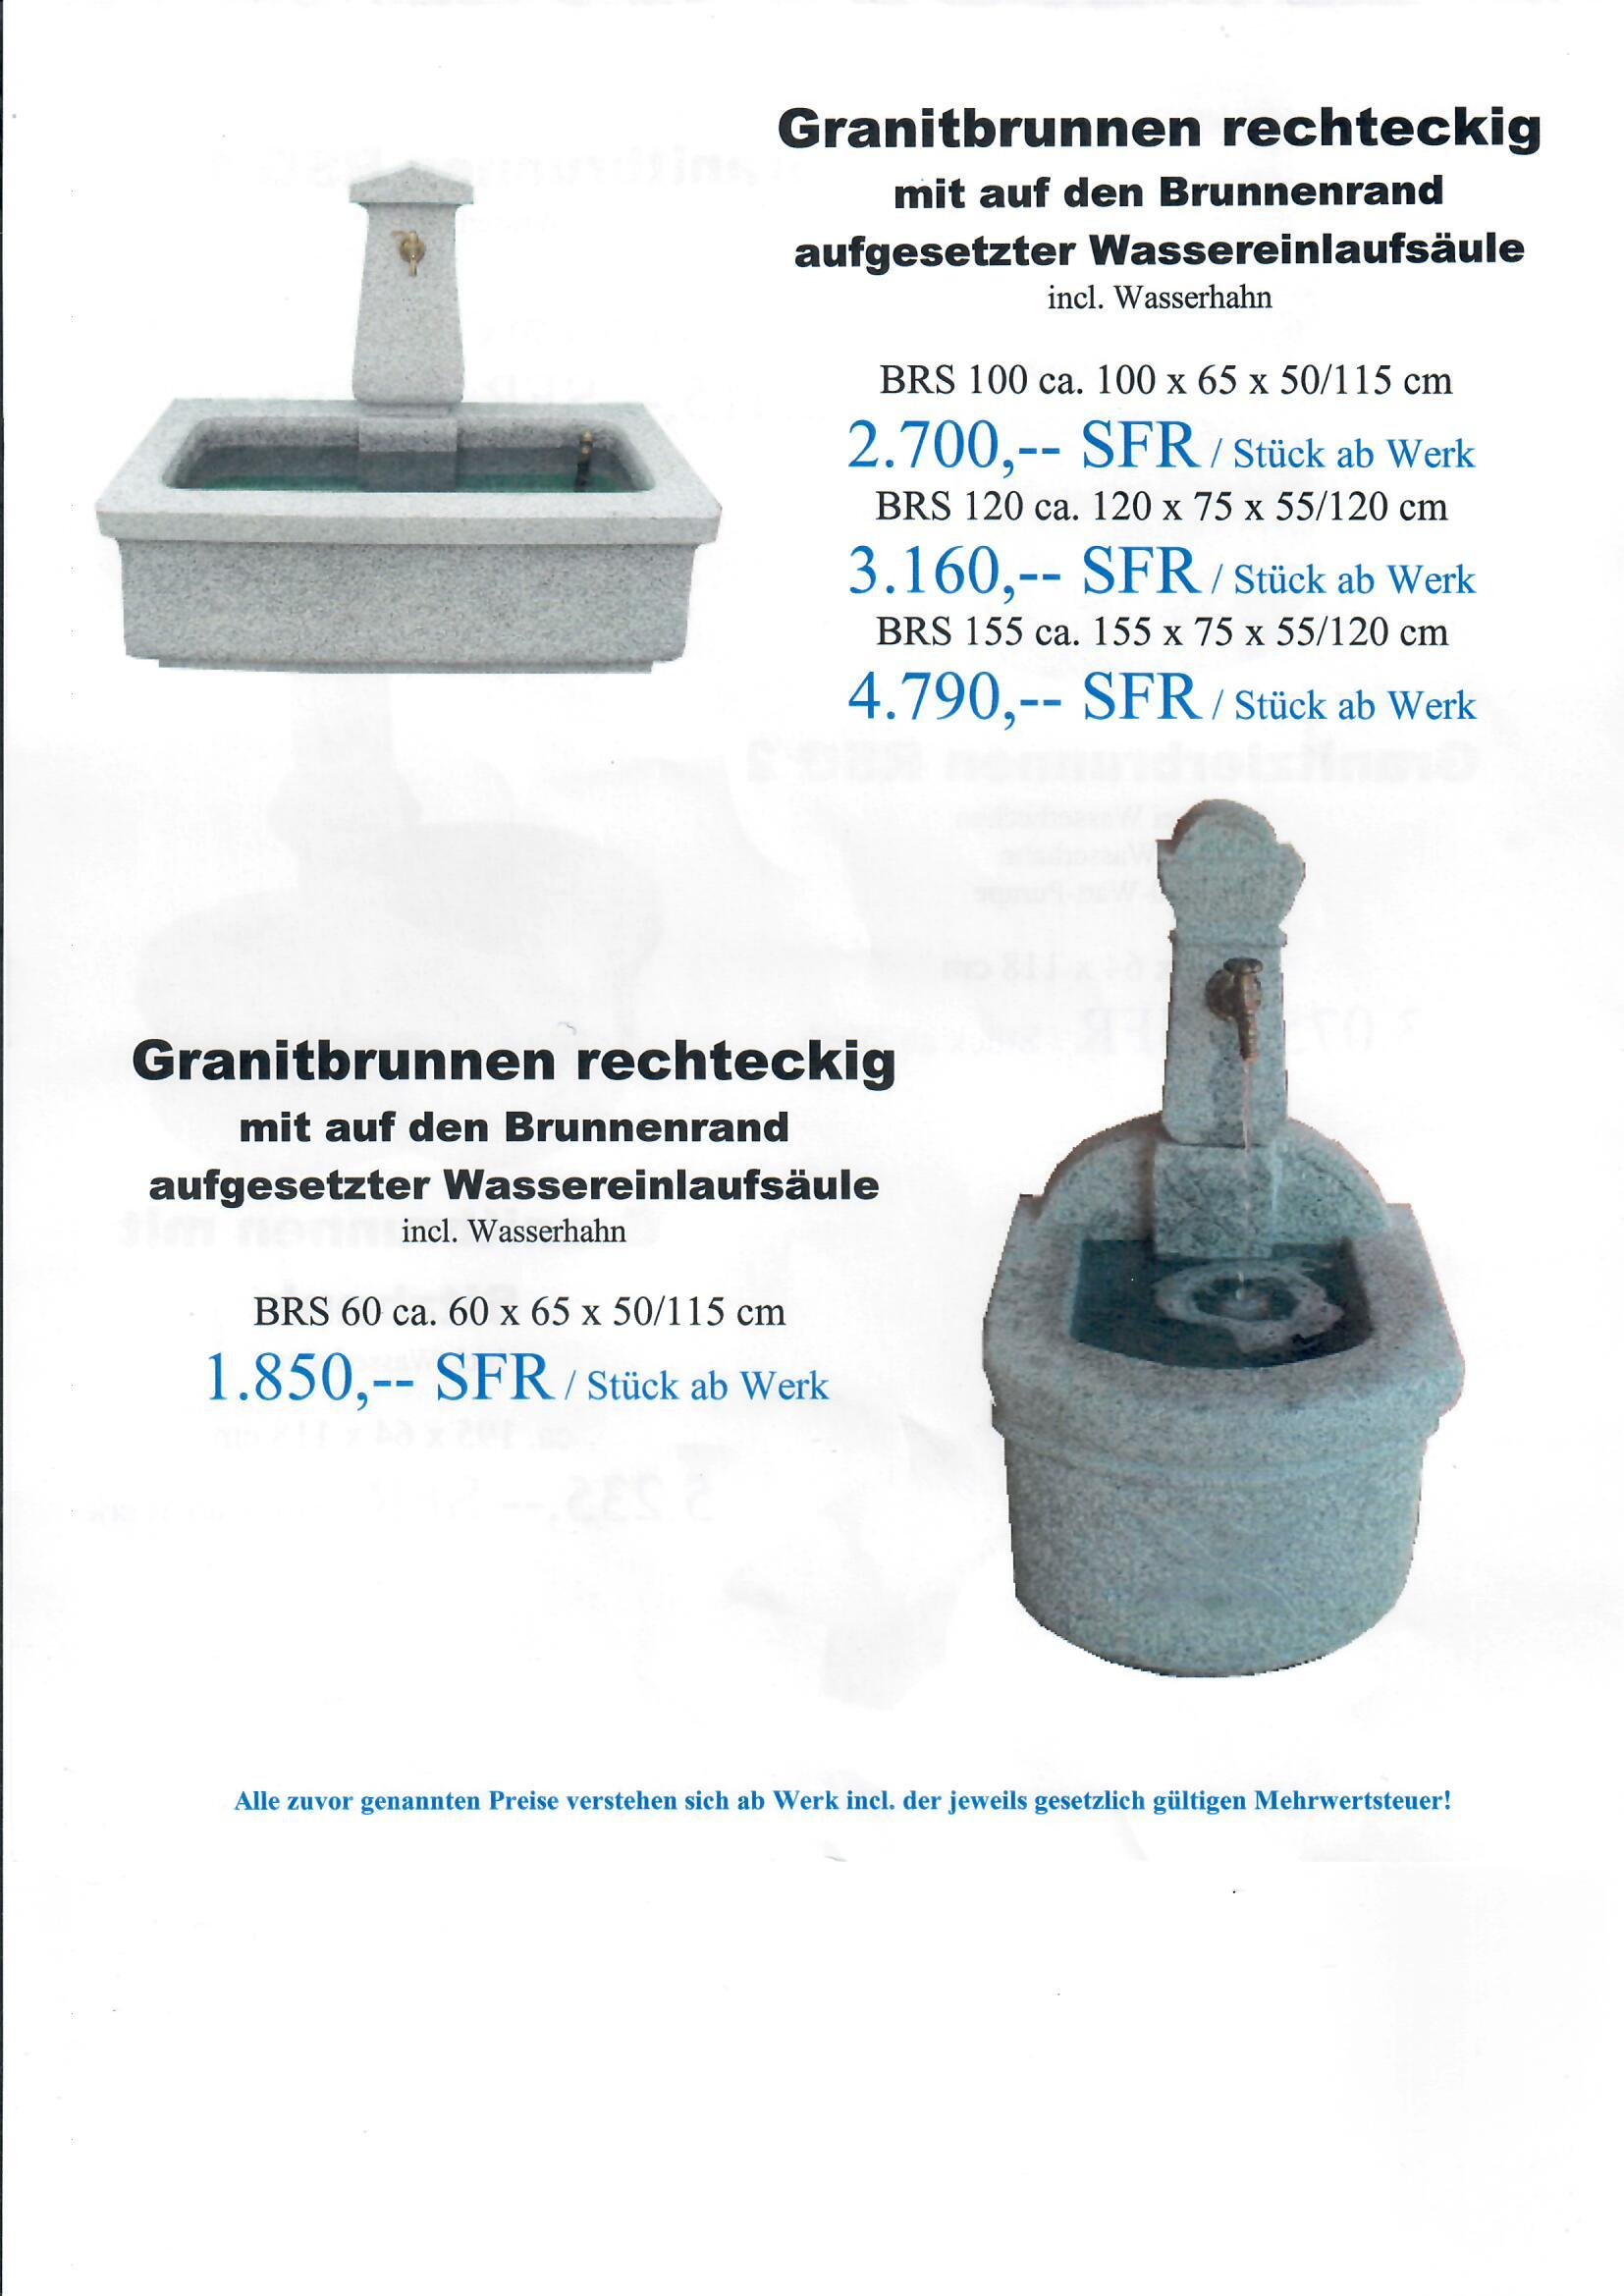 Granitbrunnen 14